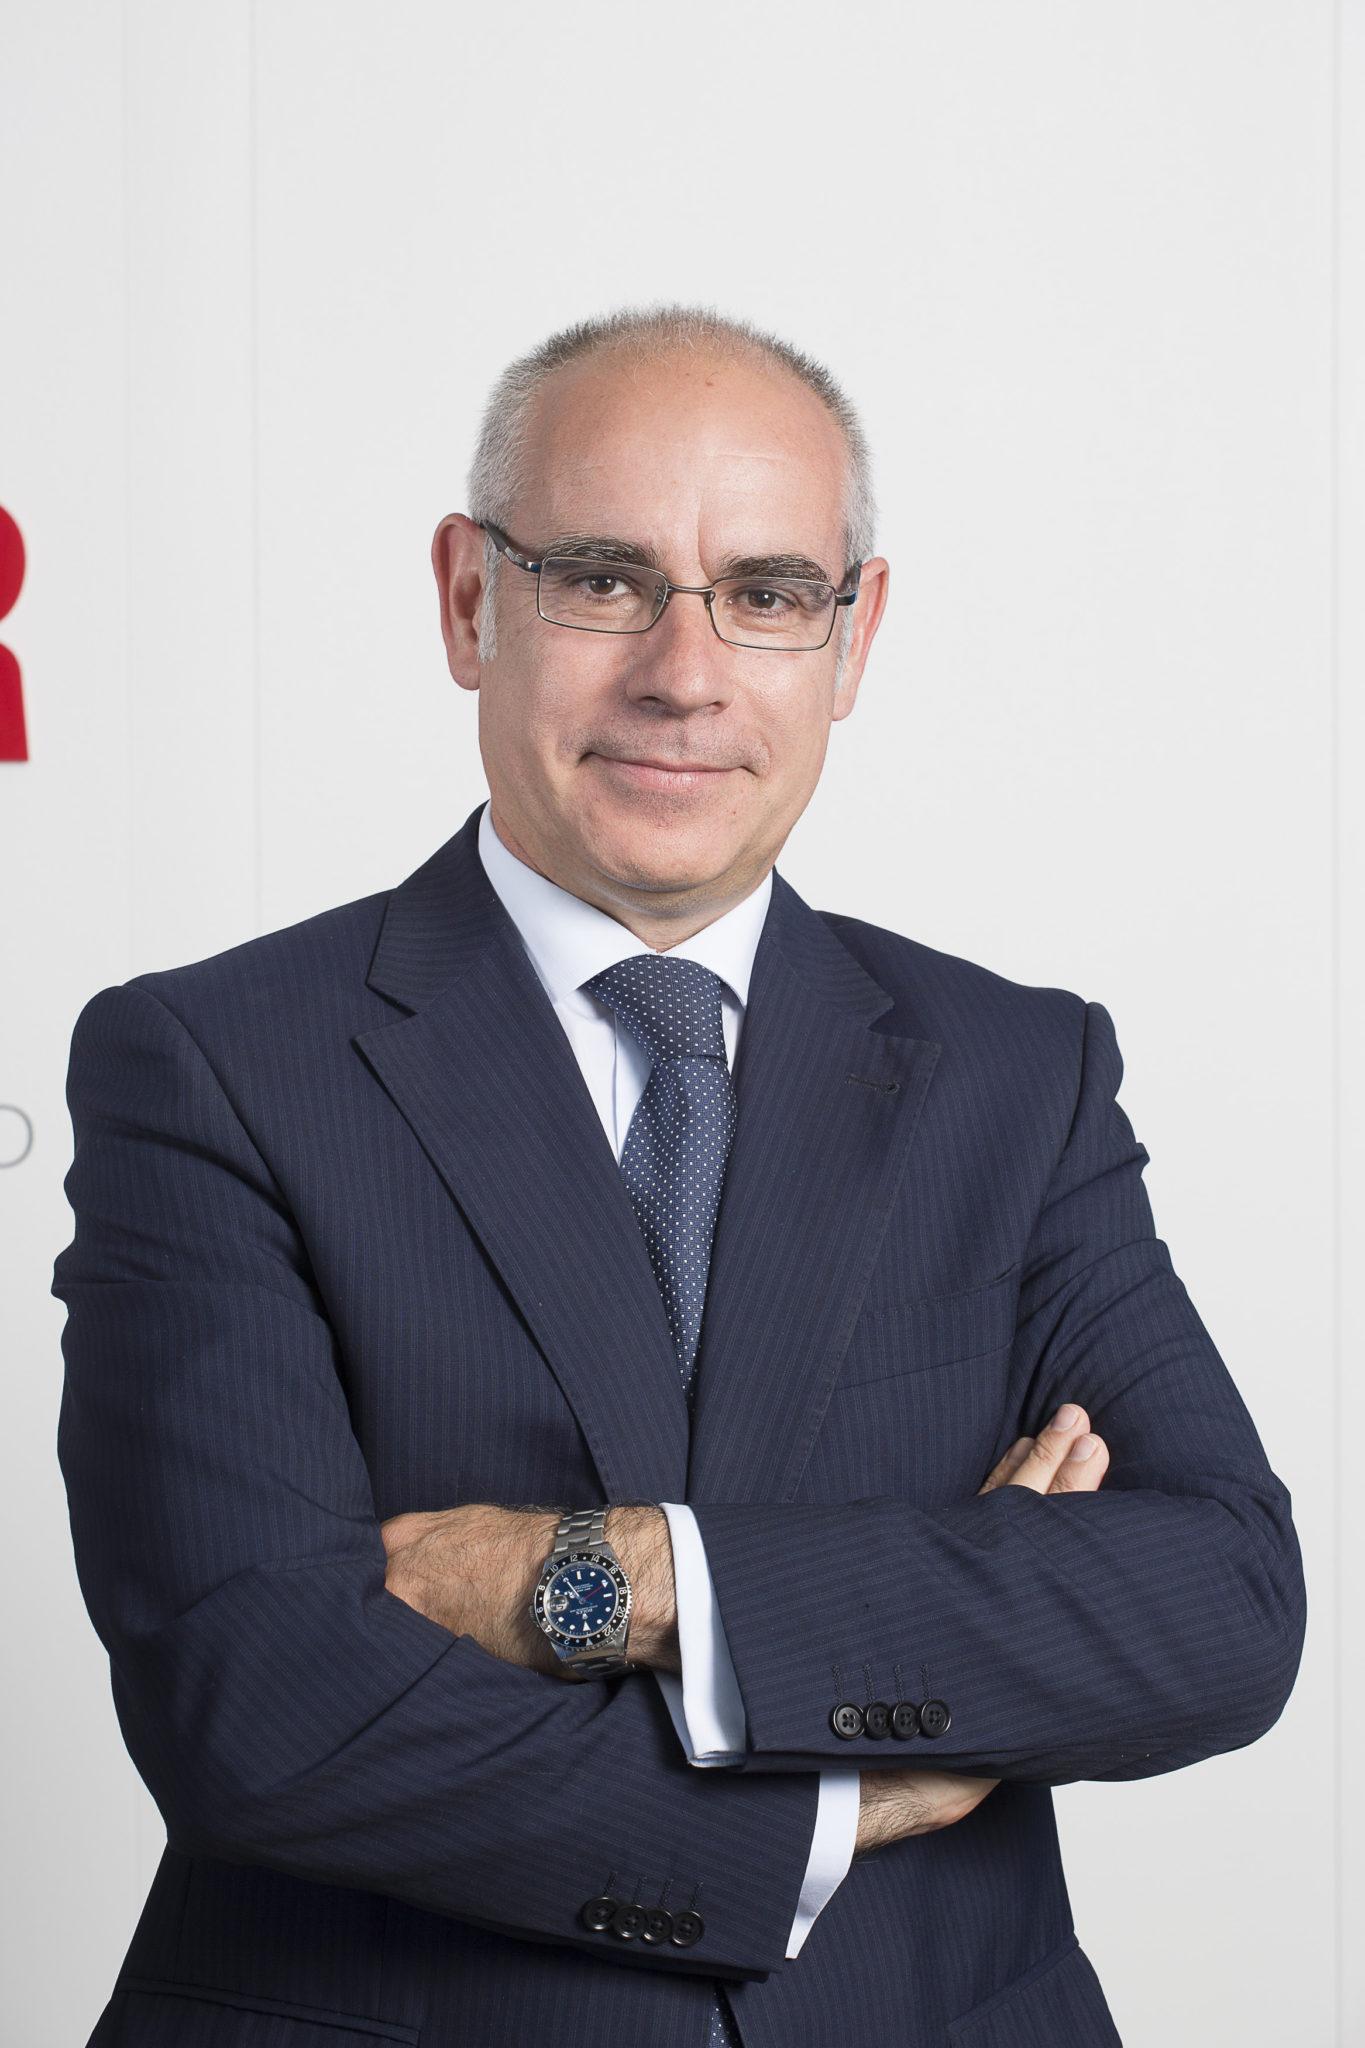 Seur alcanza los 660 millones de euros en 2017 y sigue - Alberto navarro ...